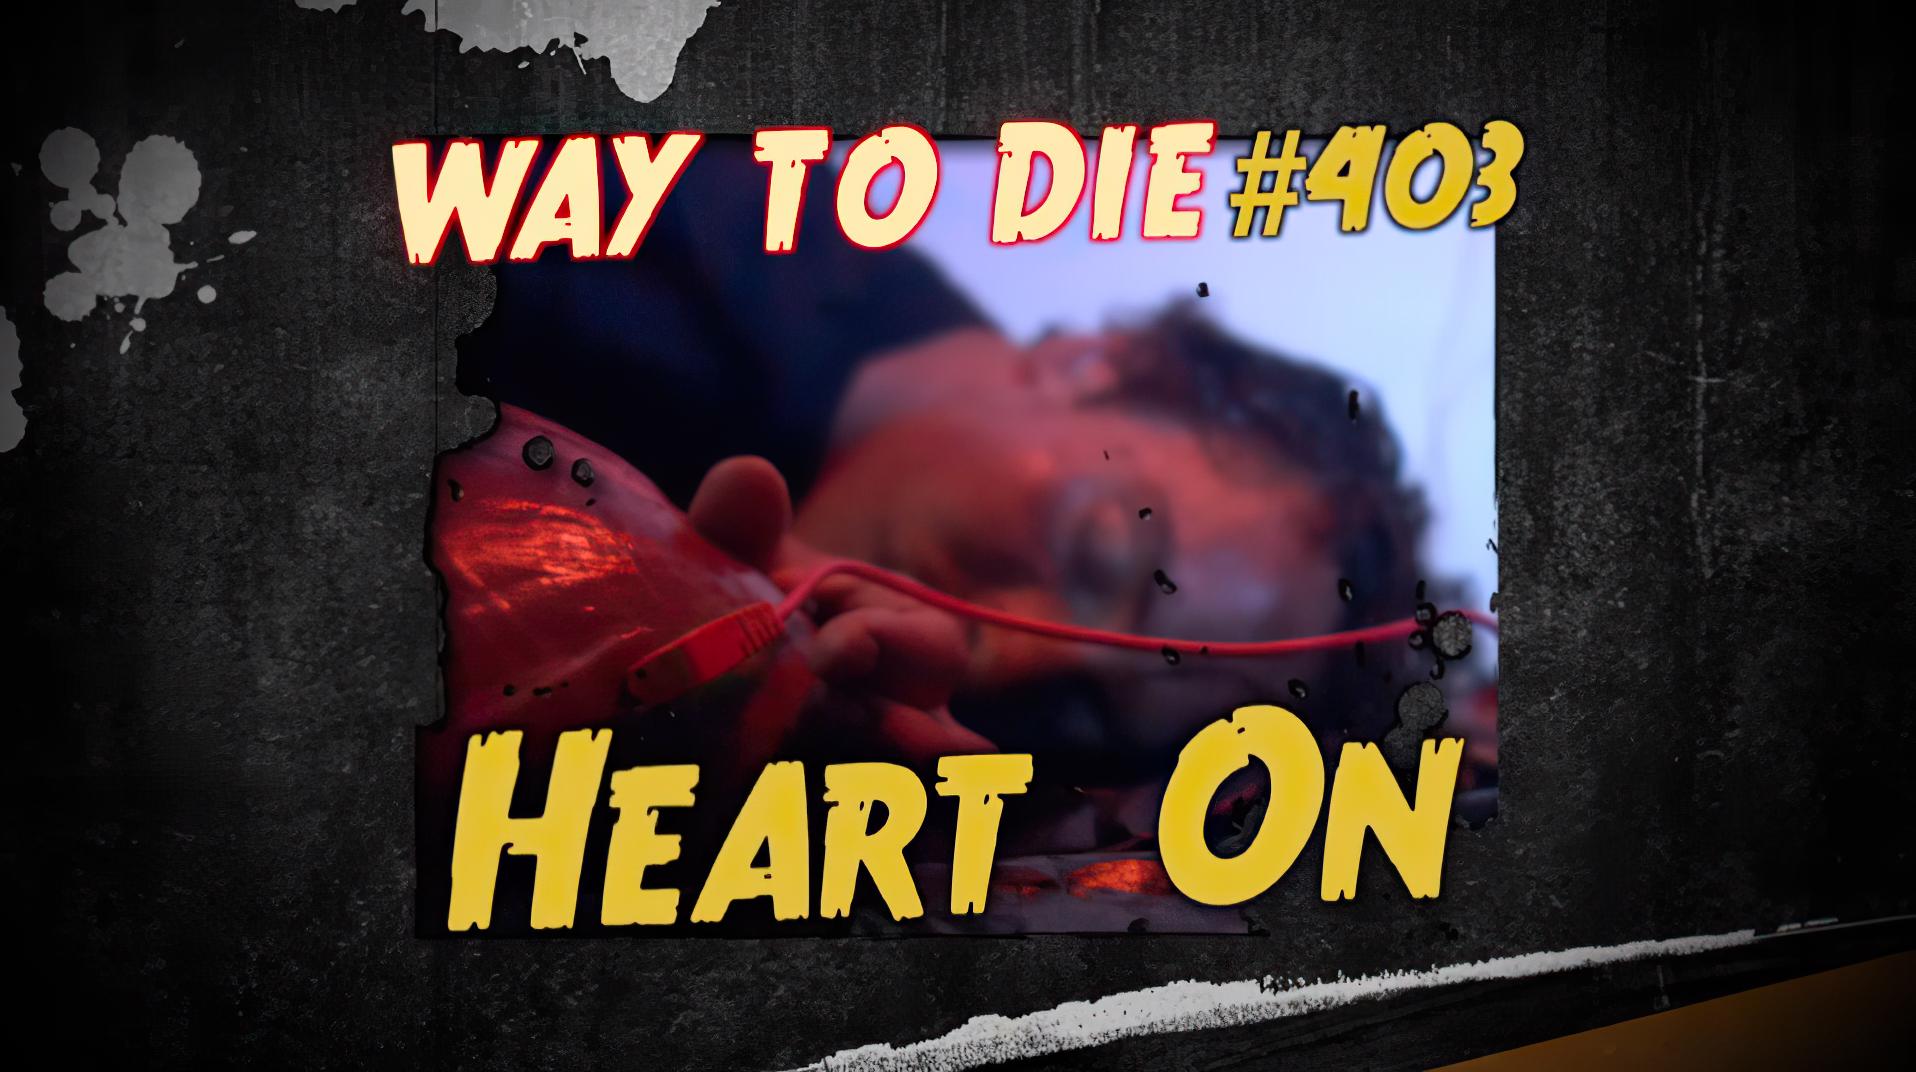 heart on 1000 ways to die wiki fandom powered by wikia